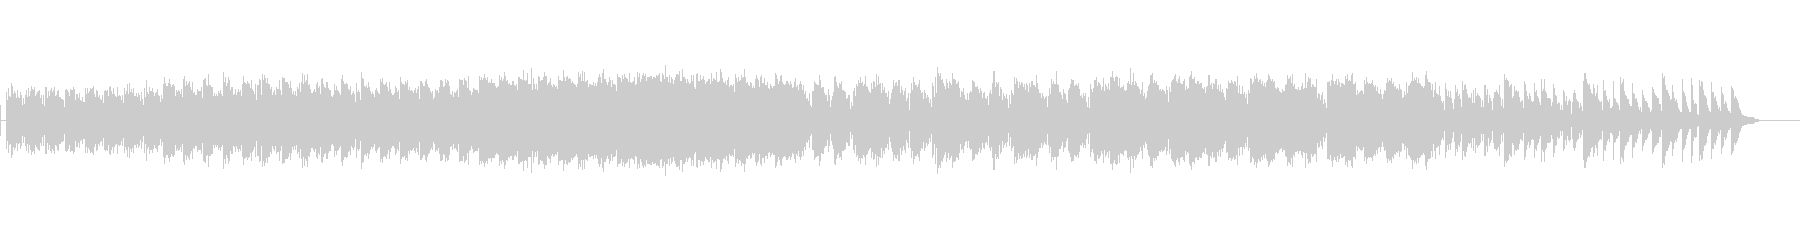 アンビエントピアノを使った幻想的な曲の未再生の波形